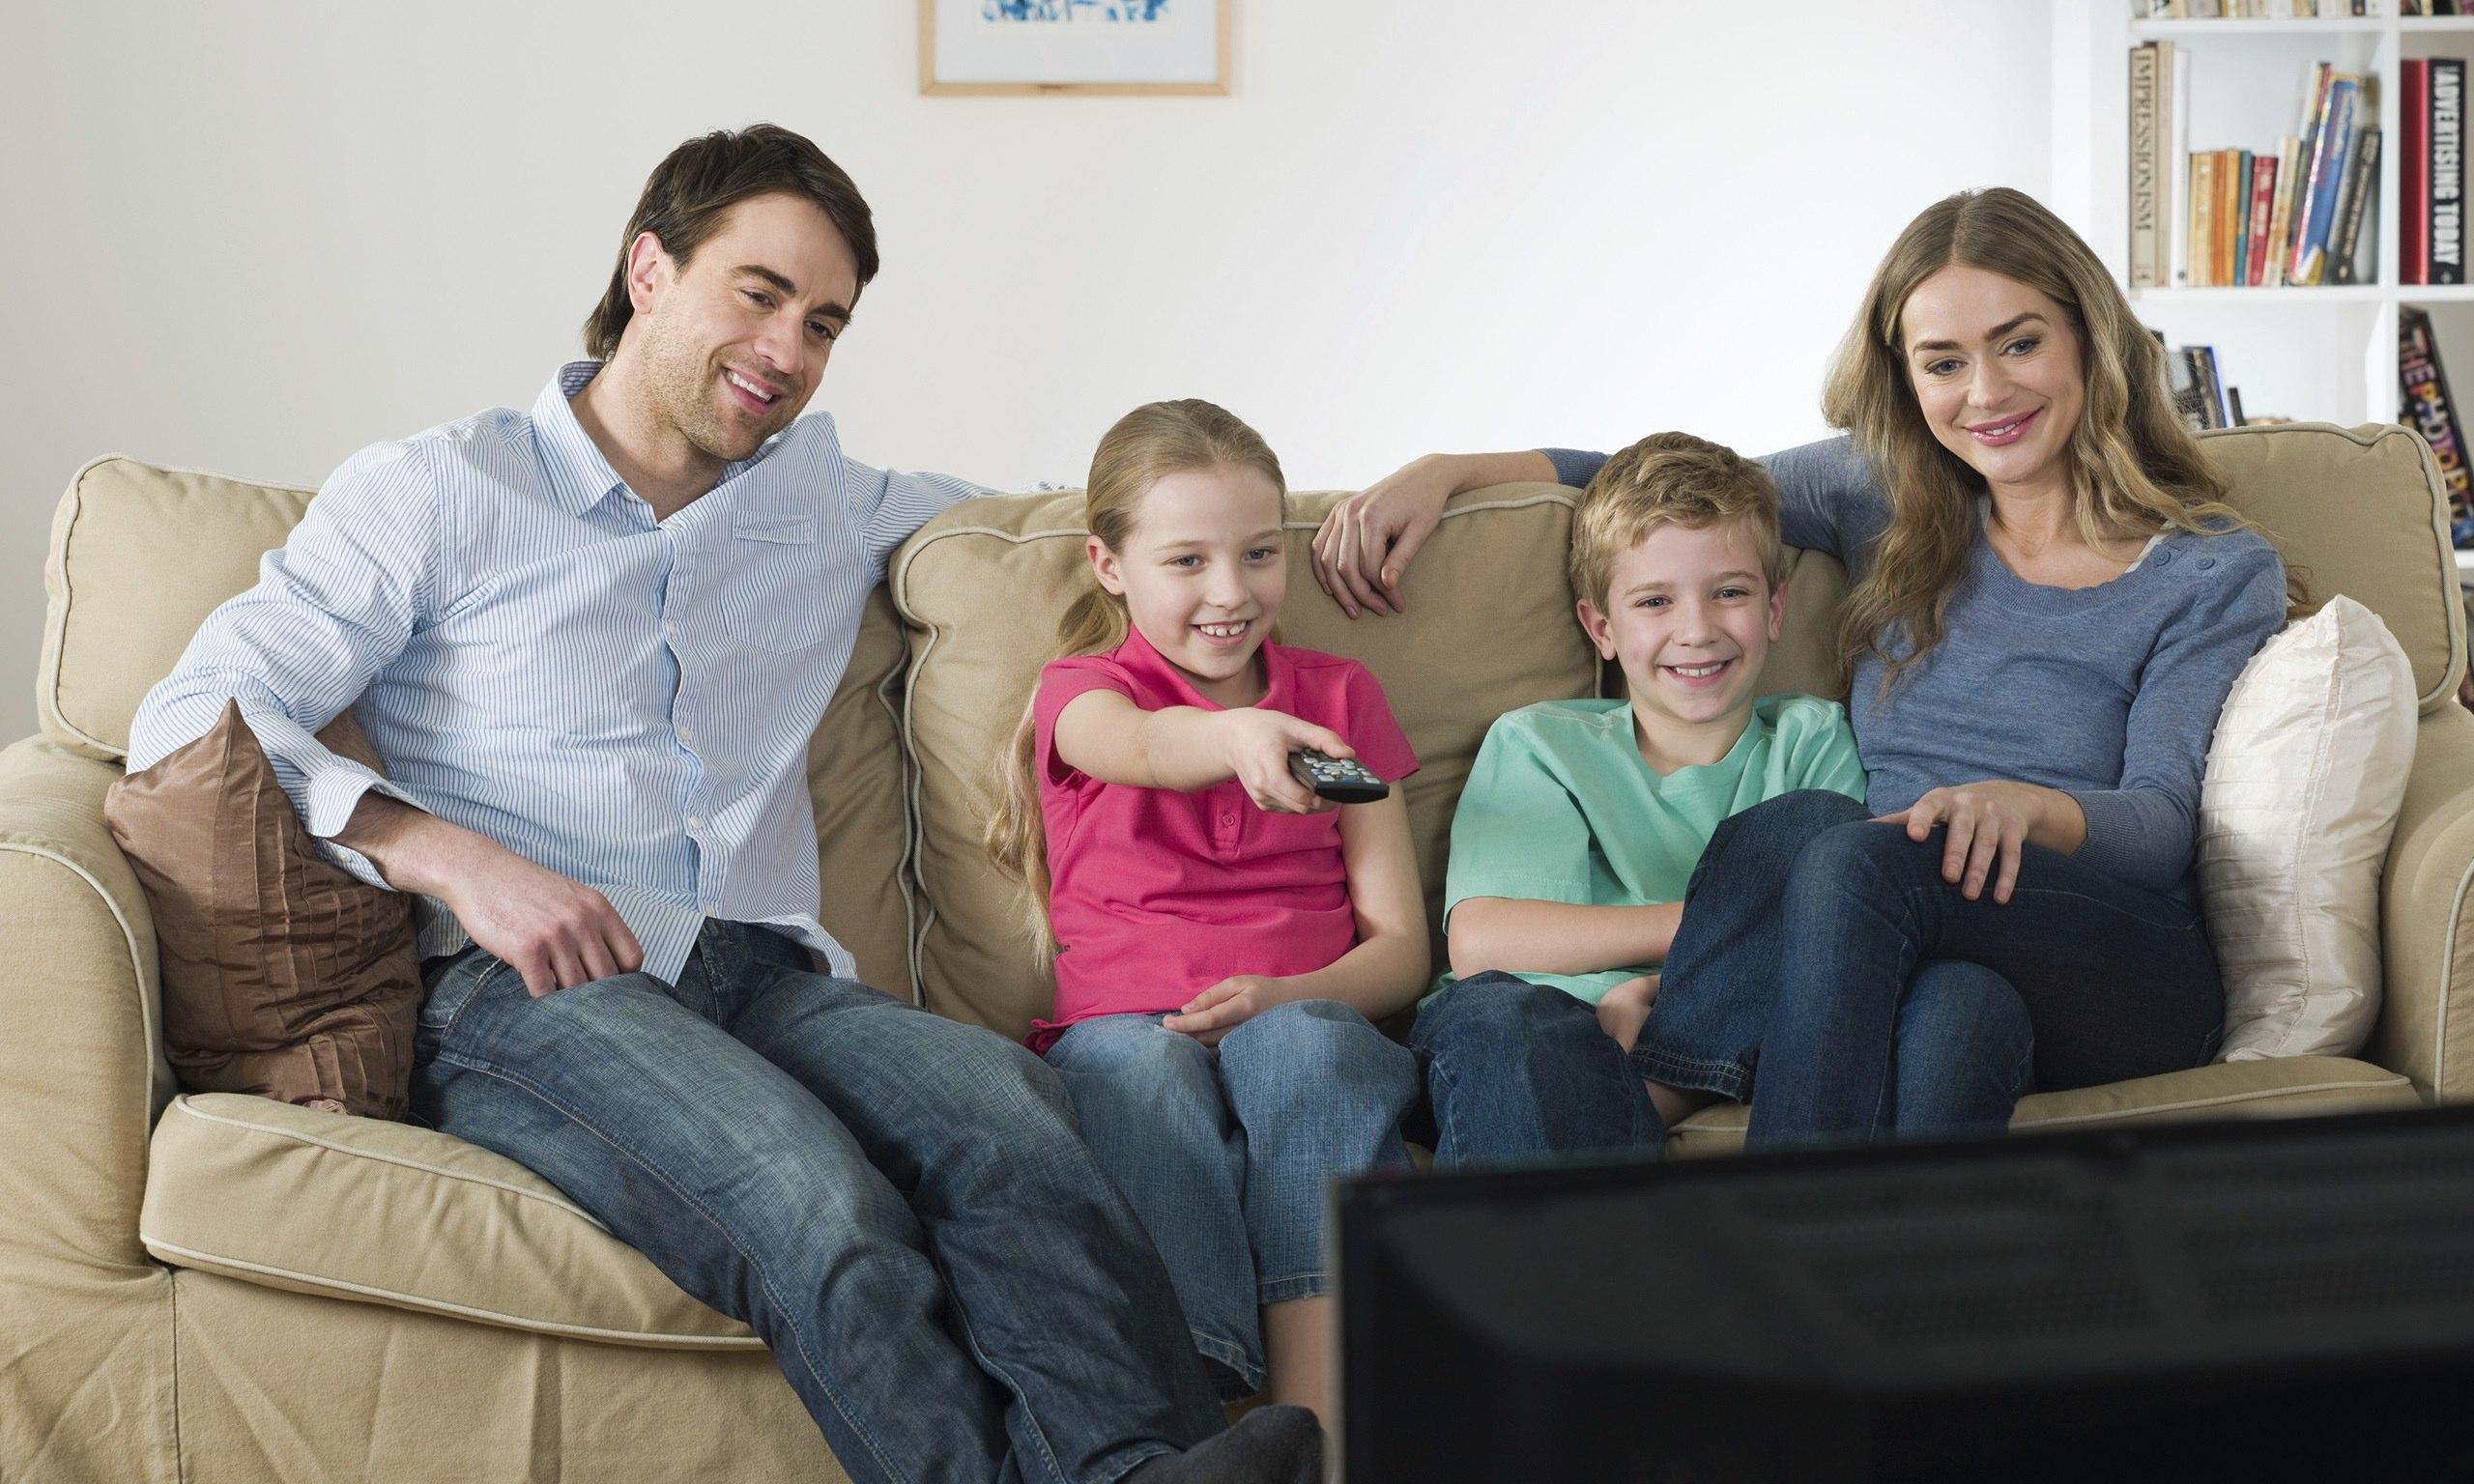 Binge-watching Movies